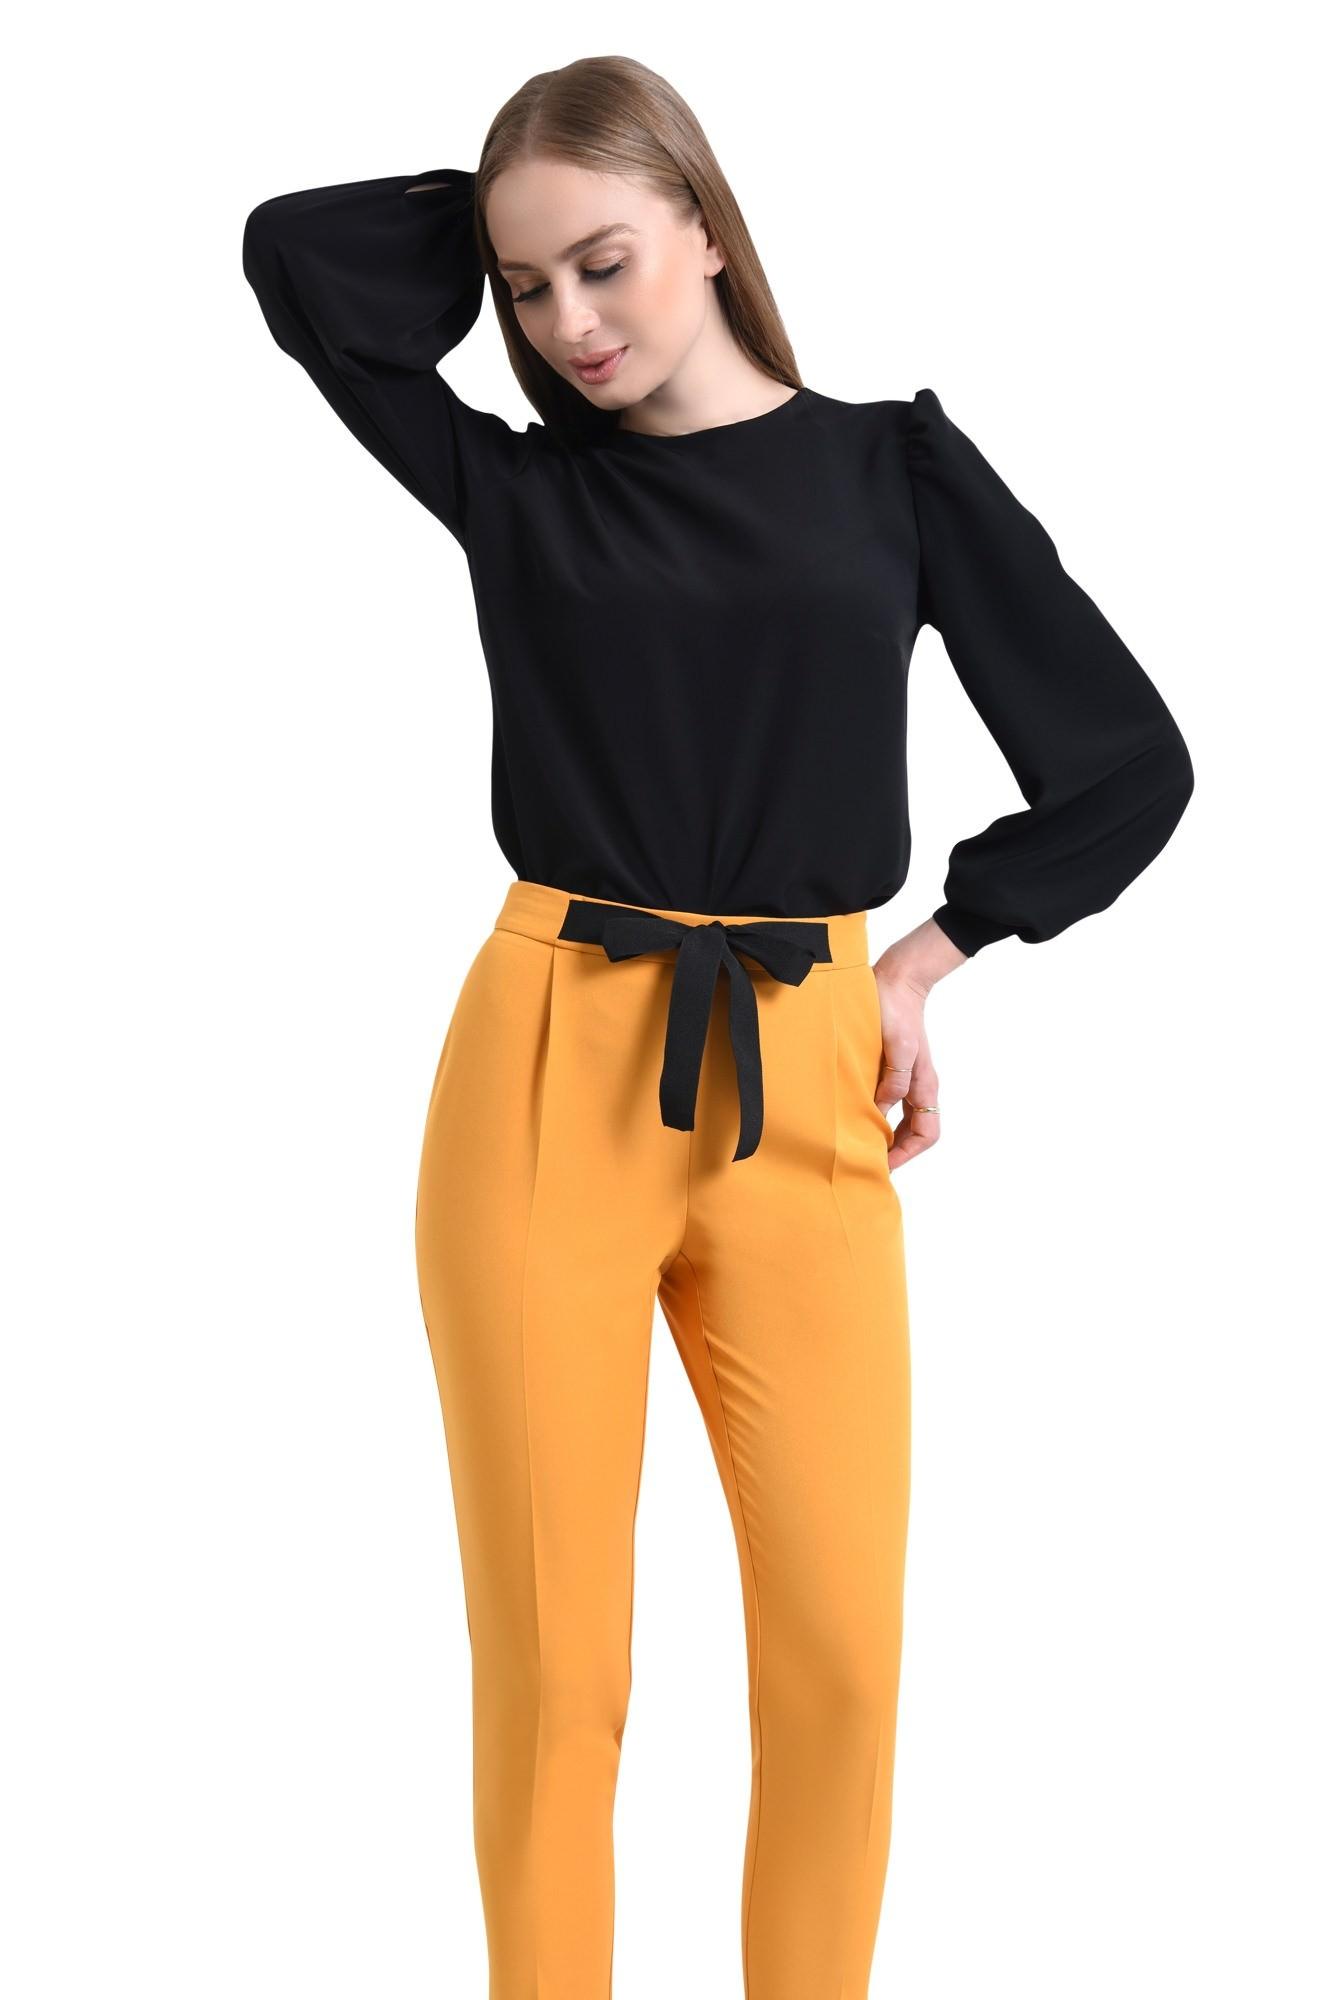 0 - Pantaloni casual, mustar